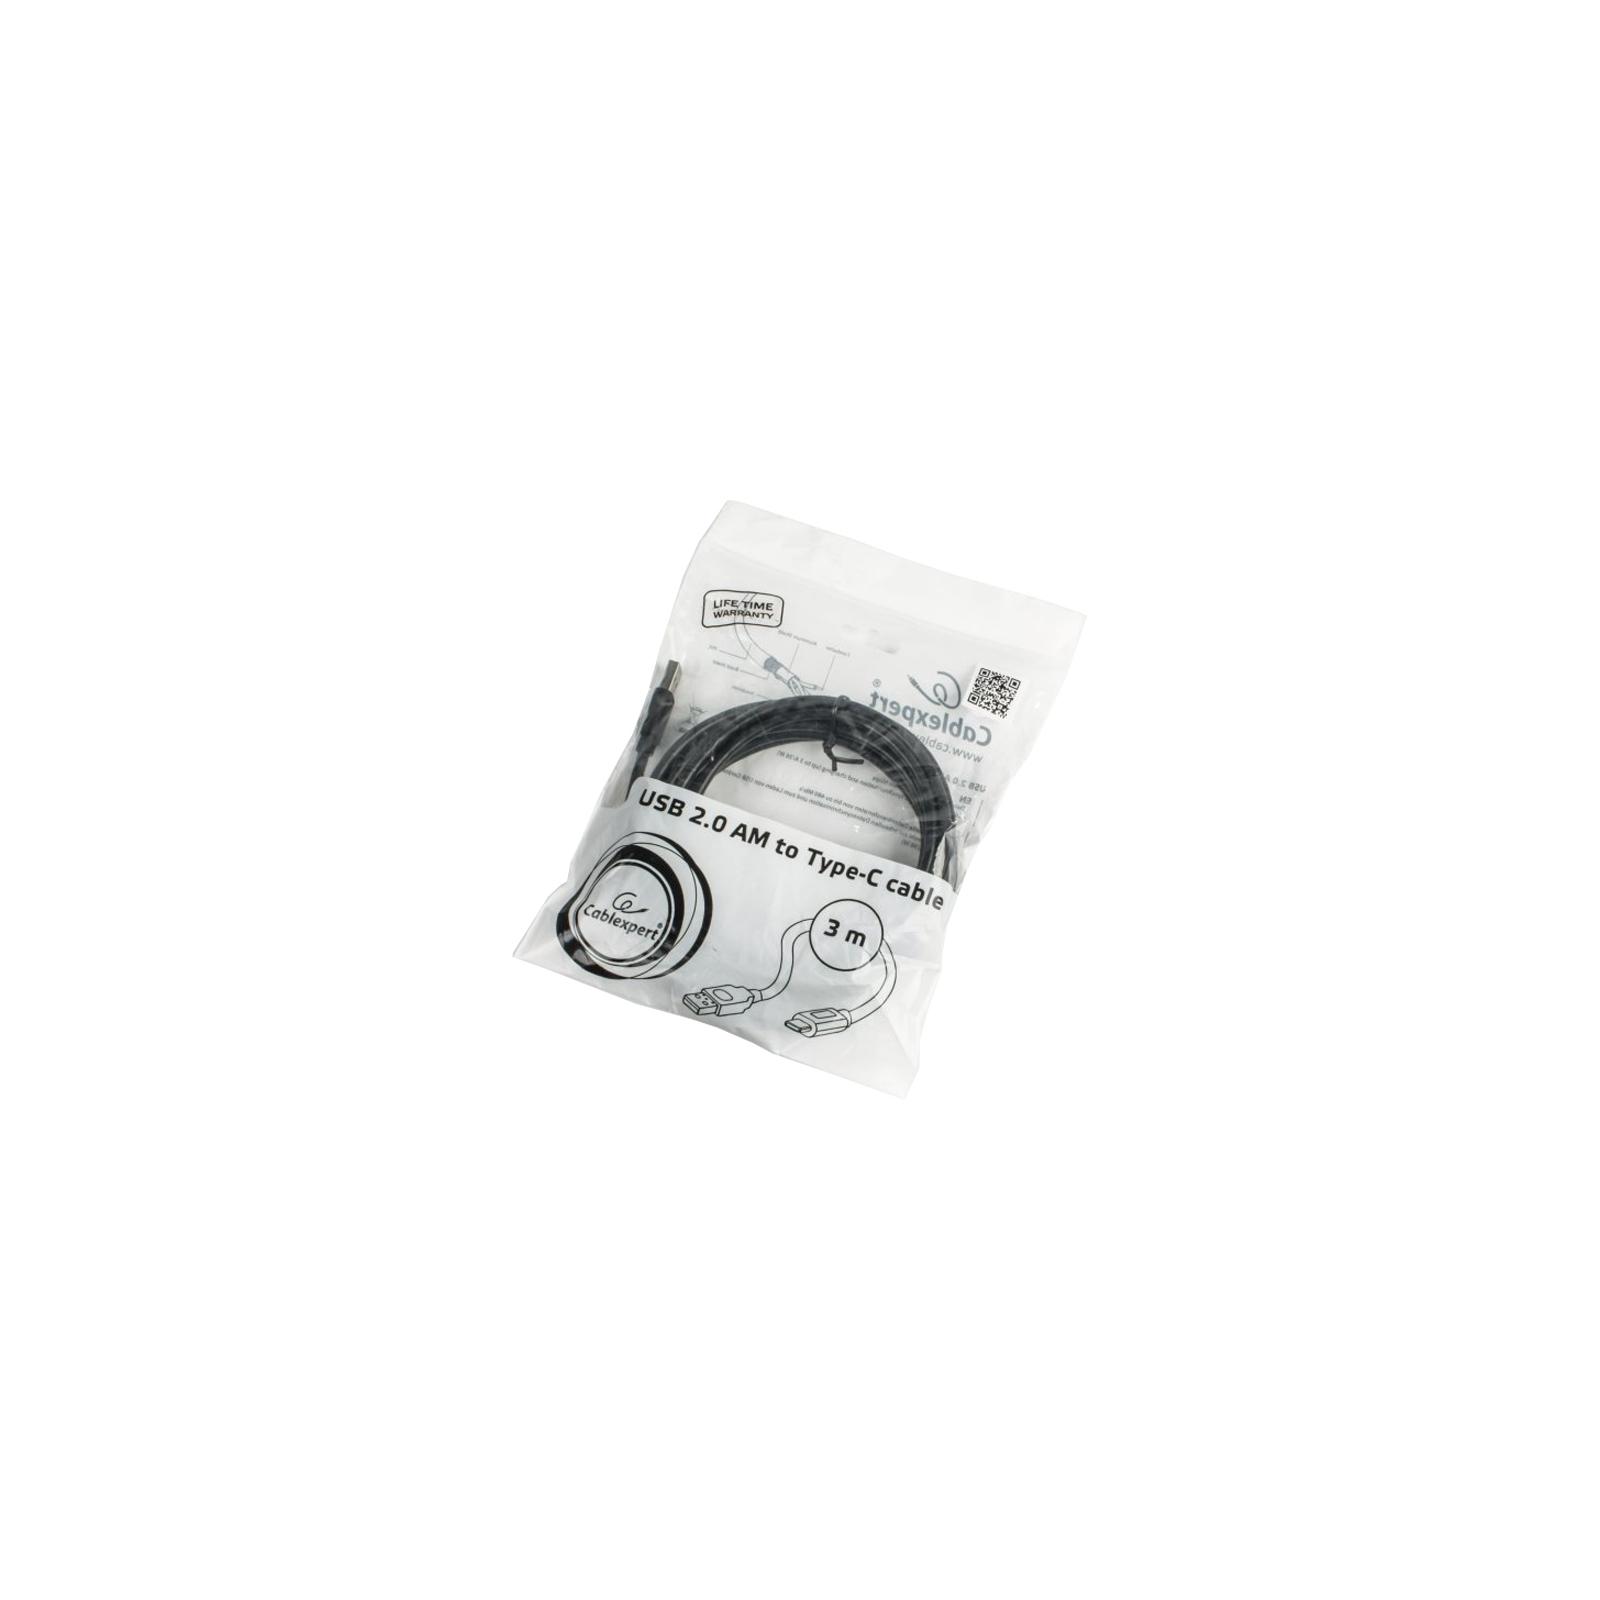 Дата кабель USB 2.0 Type-C to AM 3.0m Cablexpert (CCP-USB2-AMCM) изображение 2